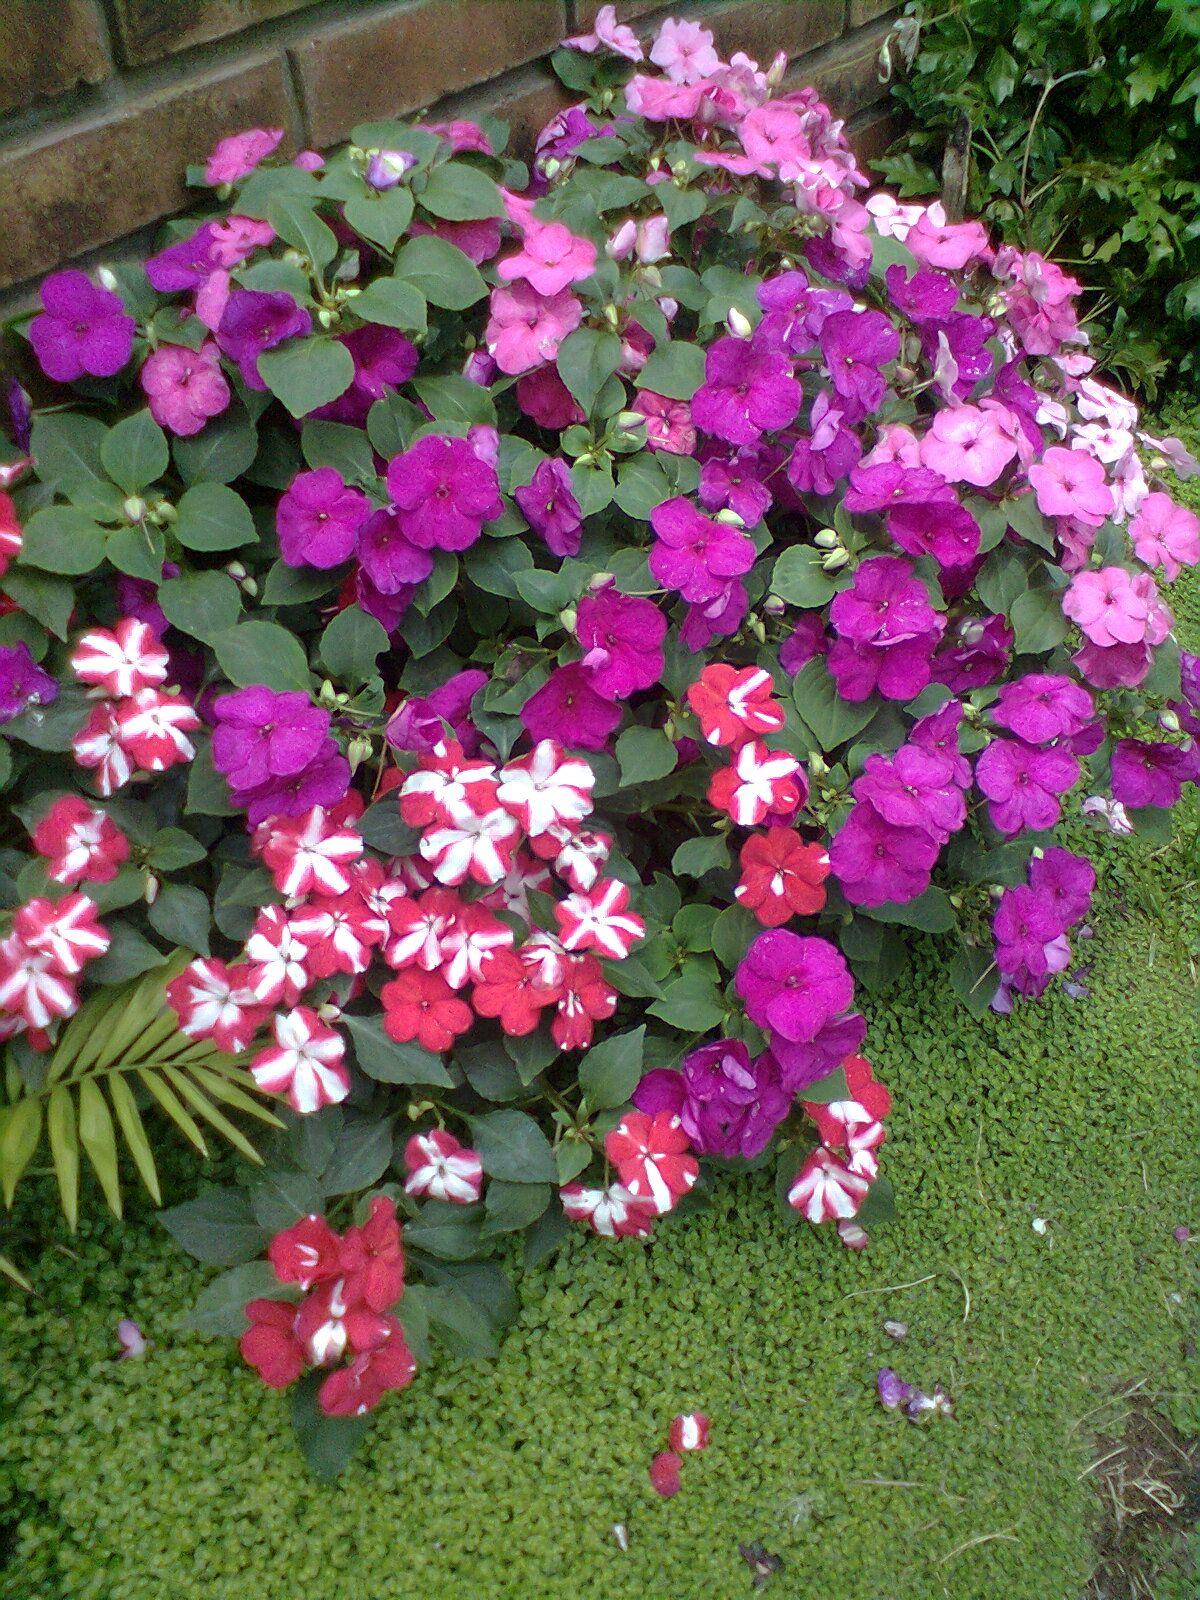 Alegrias del hogar flores y plantas alegria del hogar jardiner a y alegria - Planta alegria del hogar ...